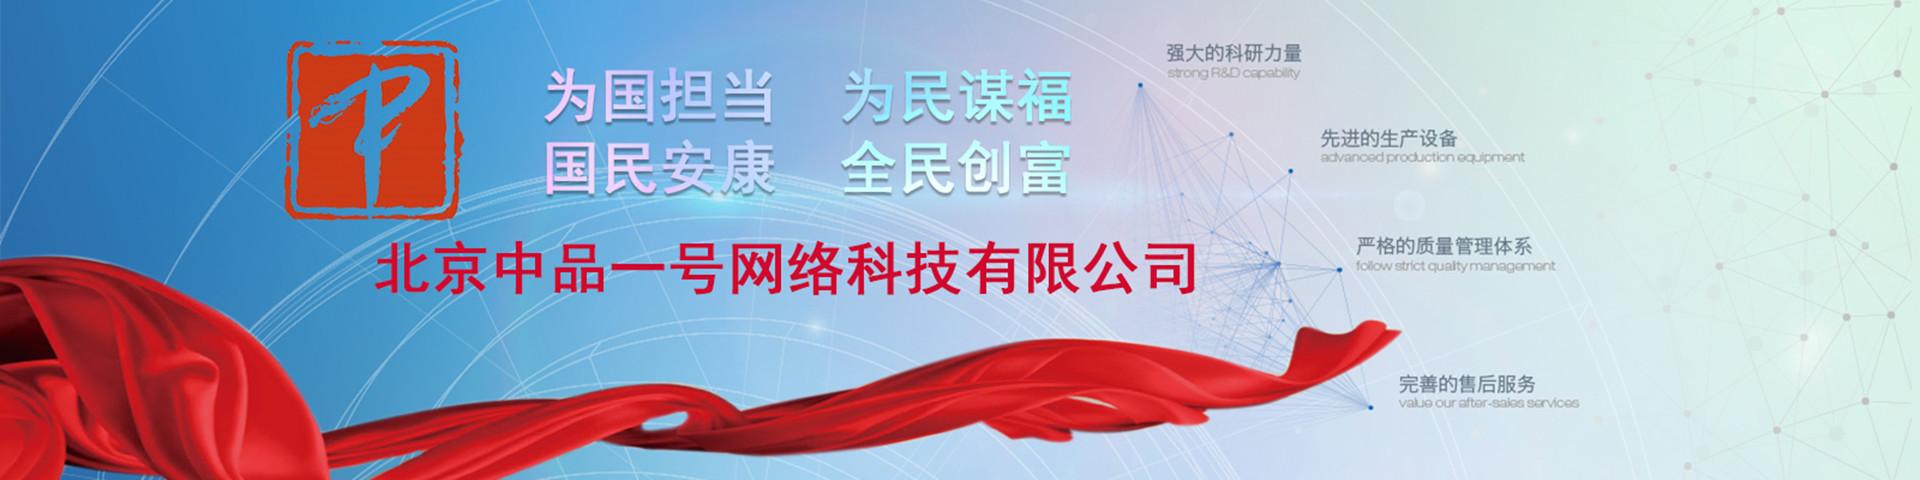 北京欧宝体育官网一号网络科技有限公司